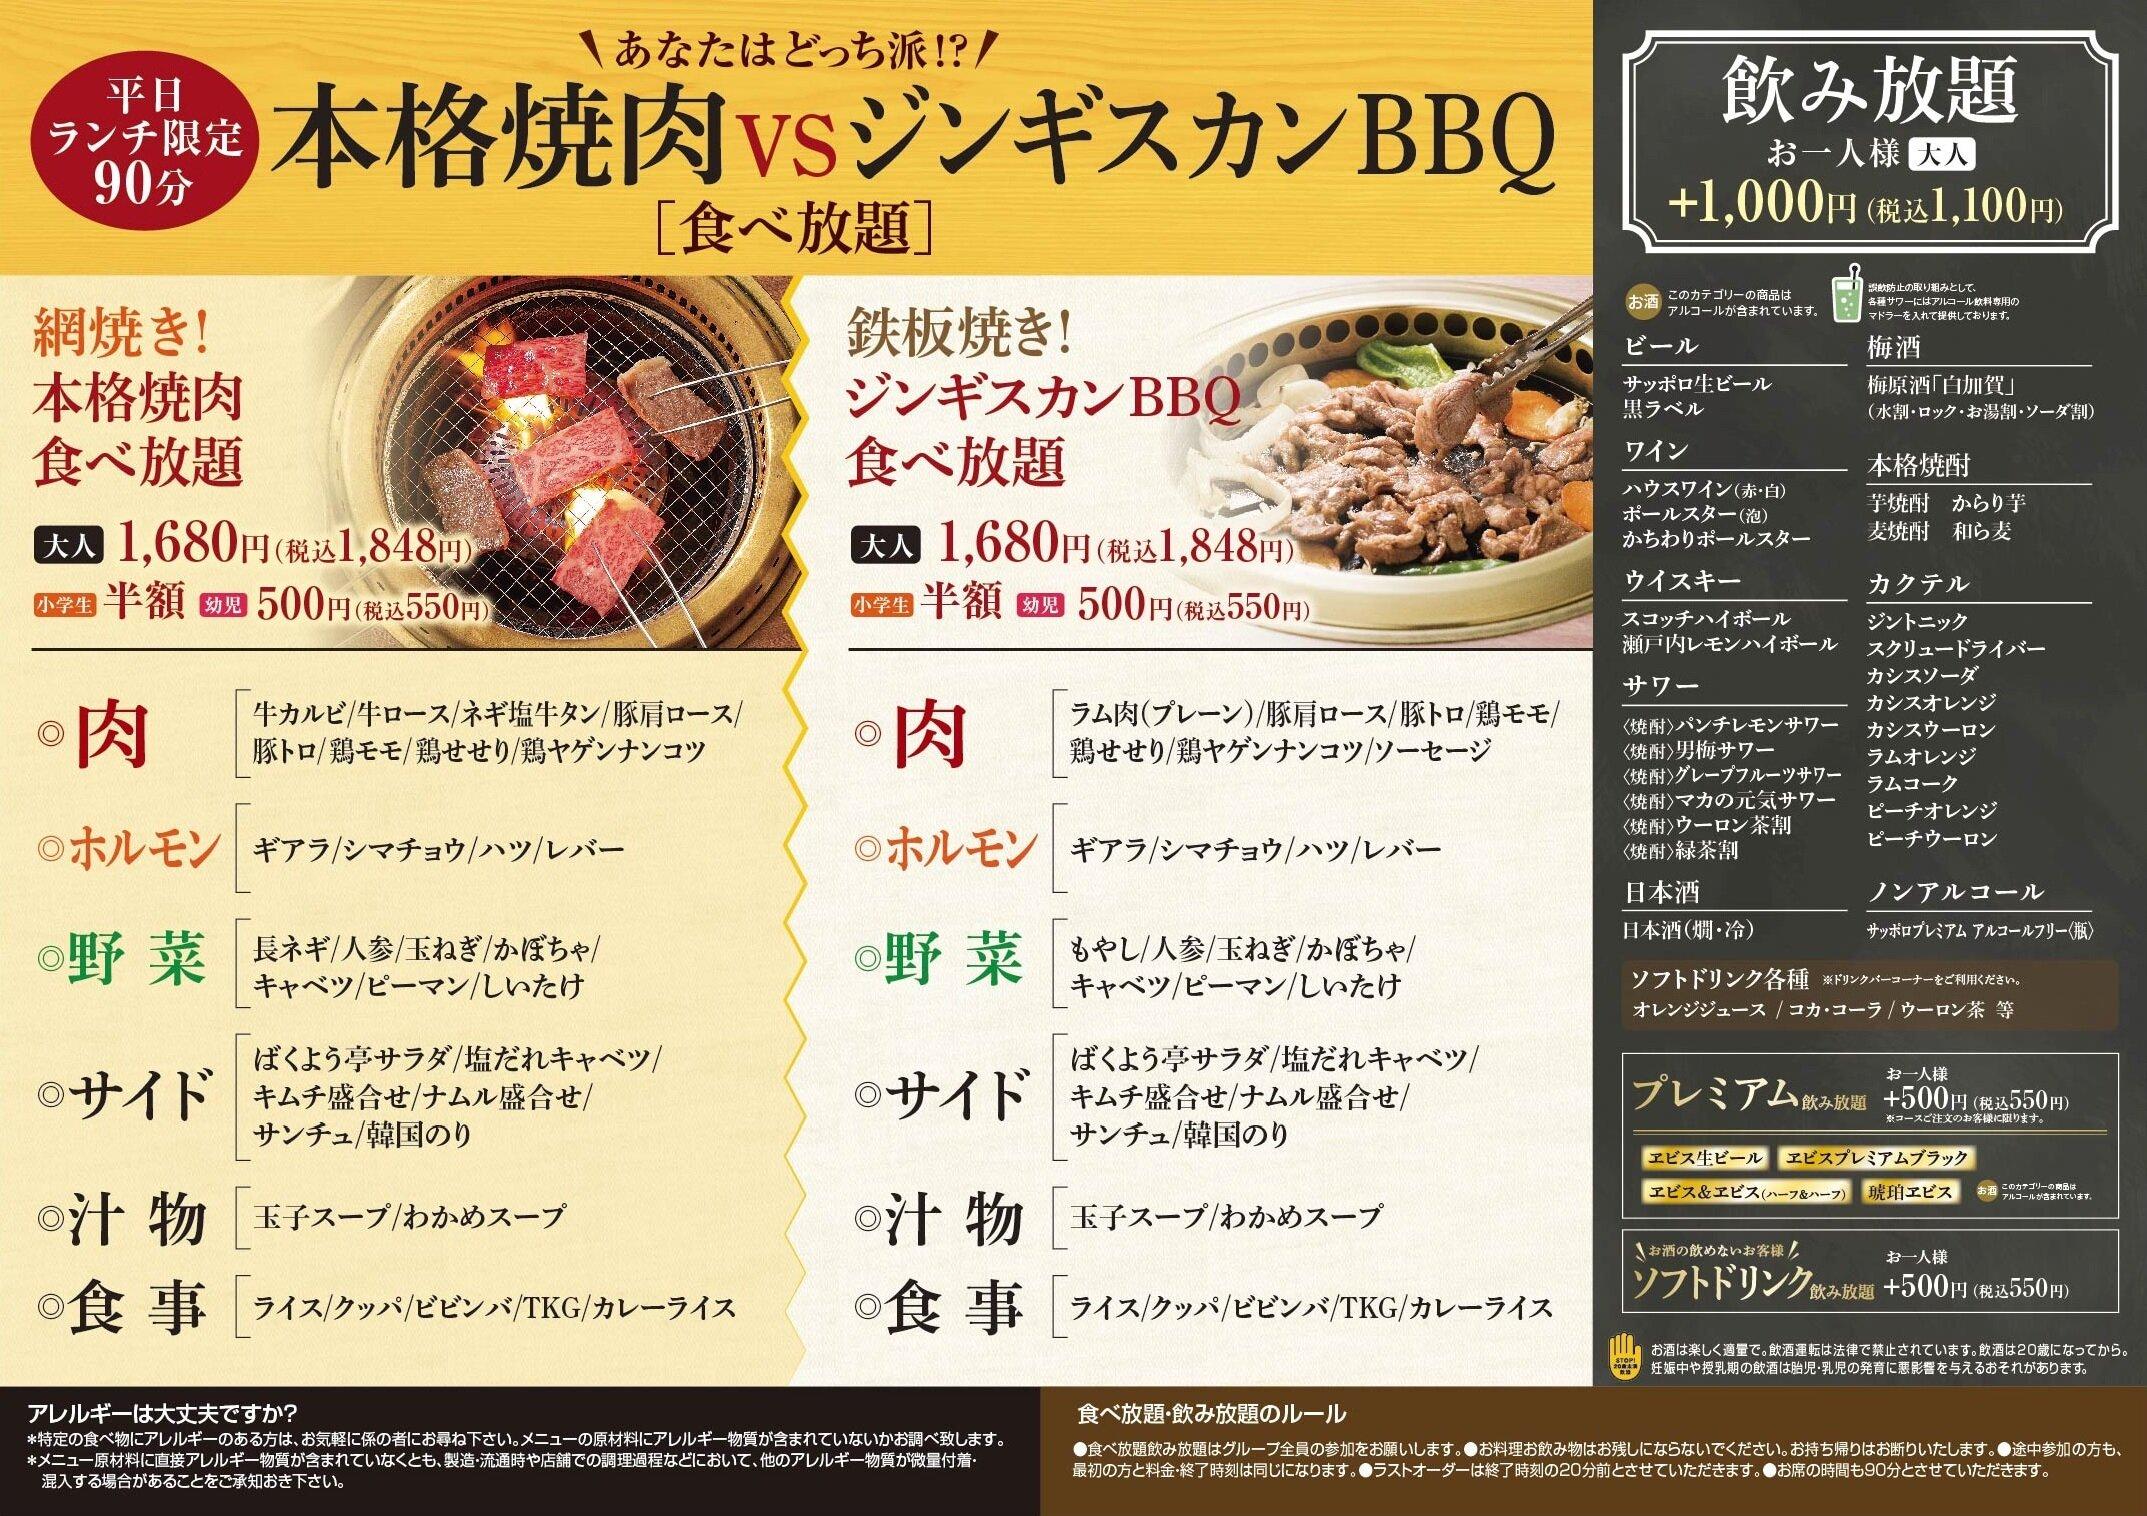 ◆本格焼肉 or ジンギスカンBBQ  90分食べ放題ランチ◆